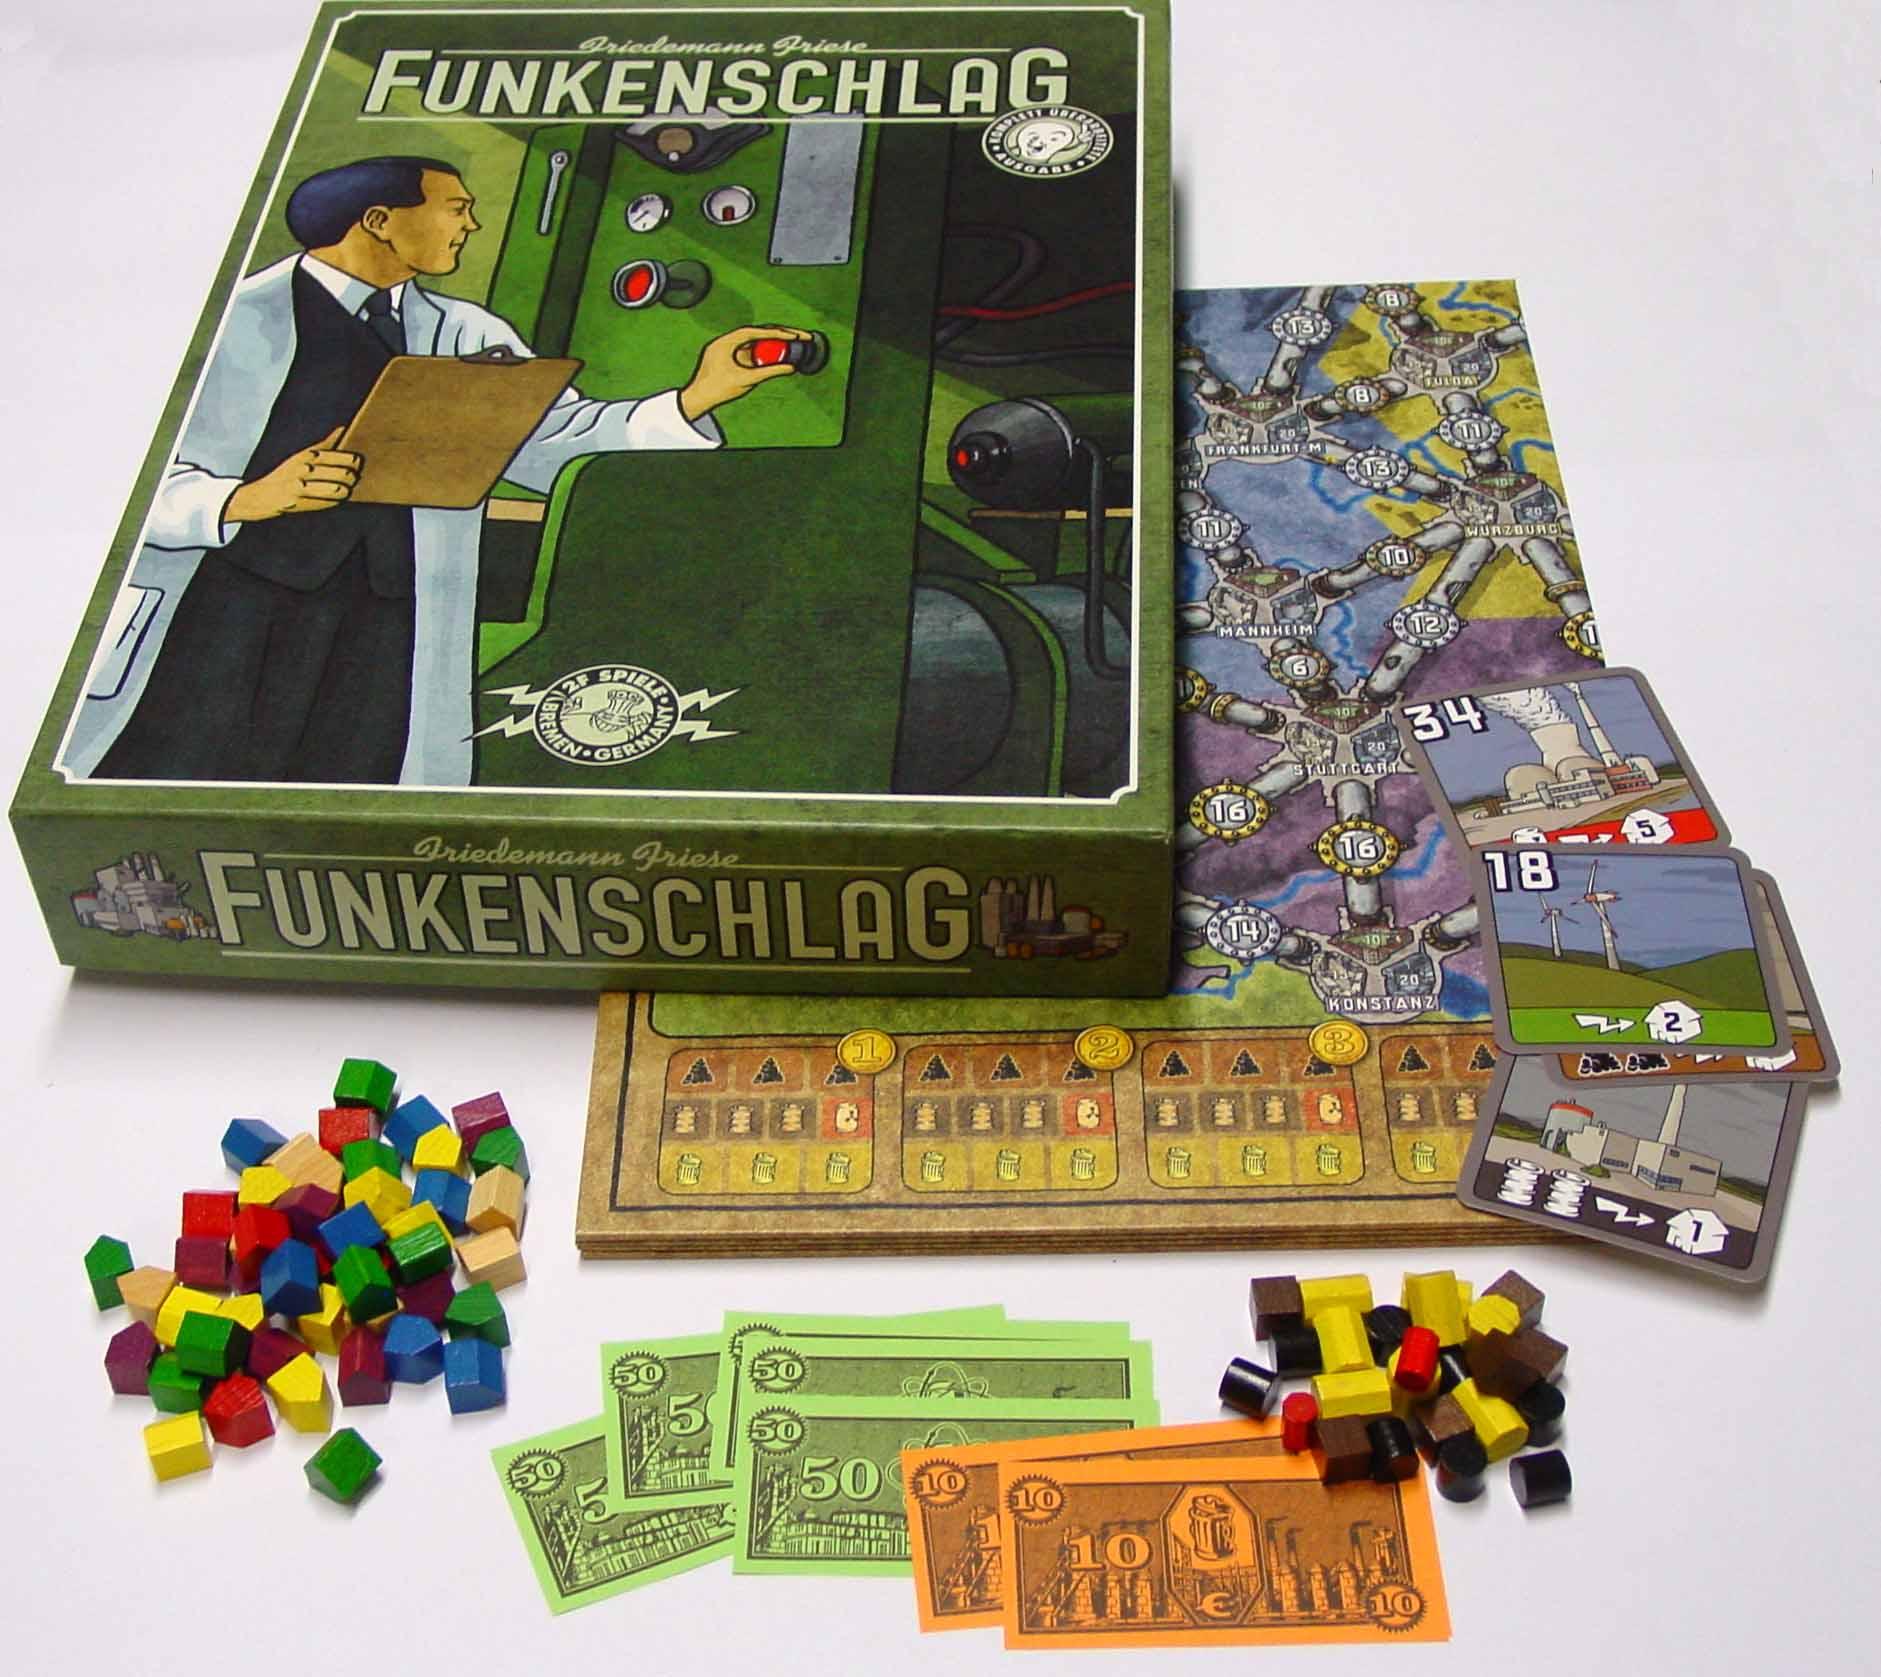 41311_funkenschlag_89026.jpg